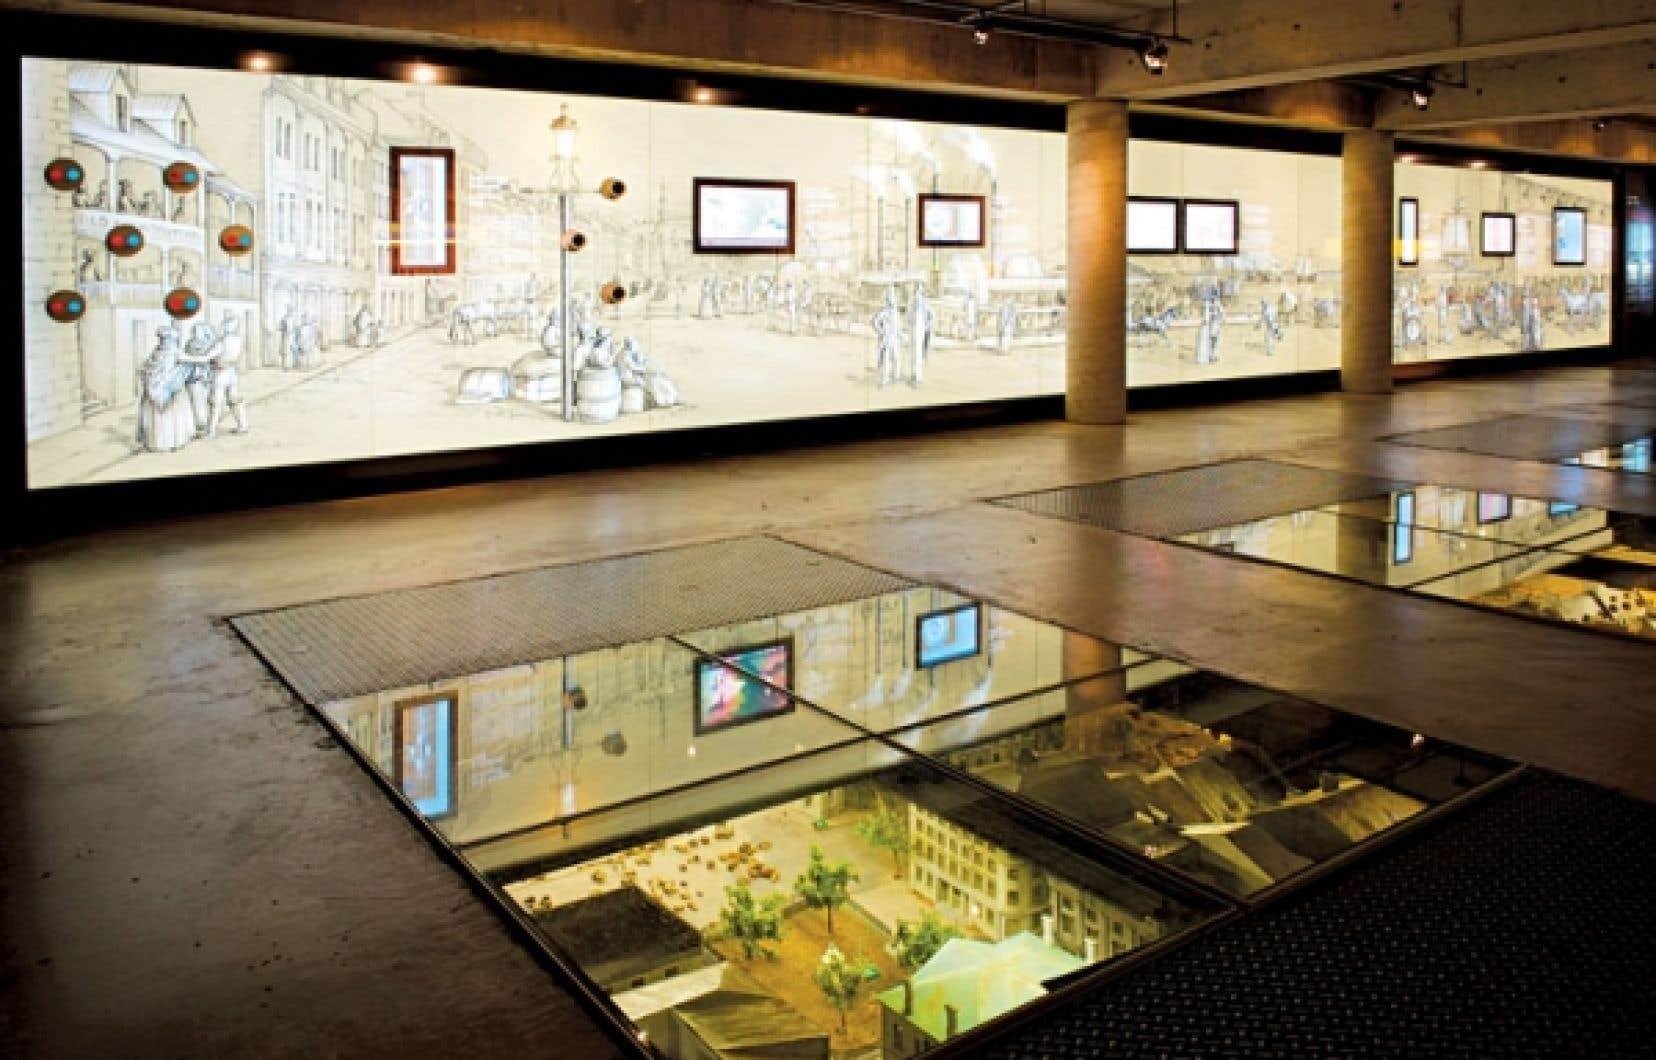 L'exposition Ici naquit Montréal au Musée d'archéologie et d'histoire de Montréal Pointe-à-Callières